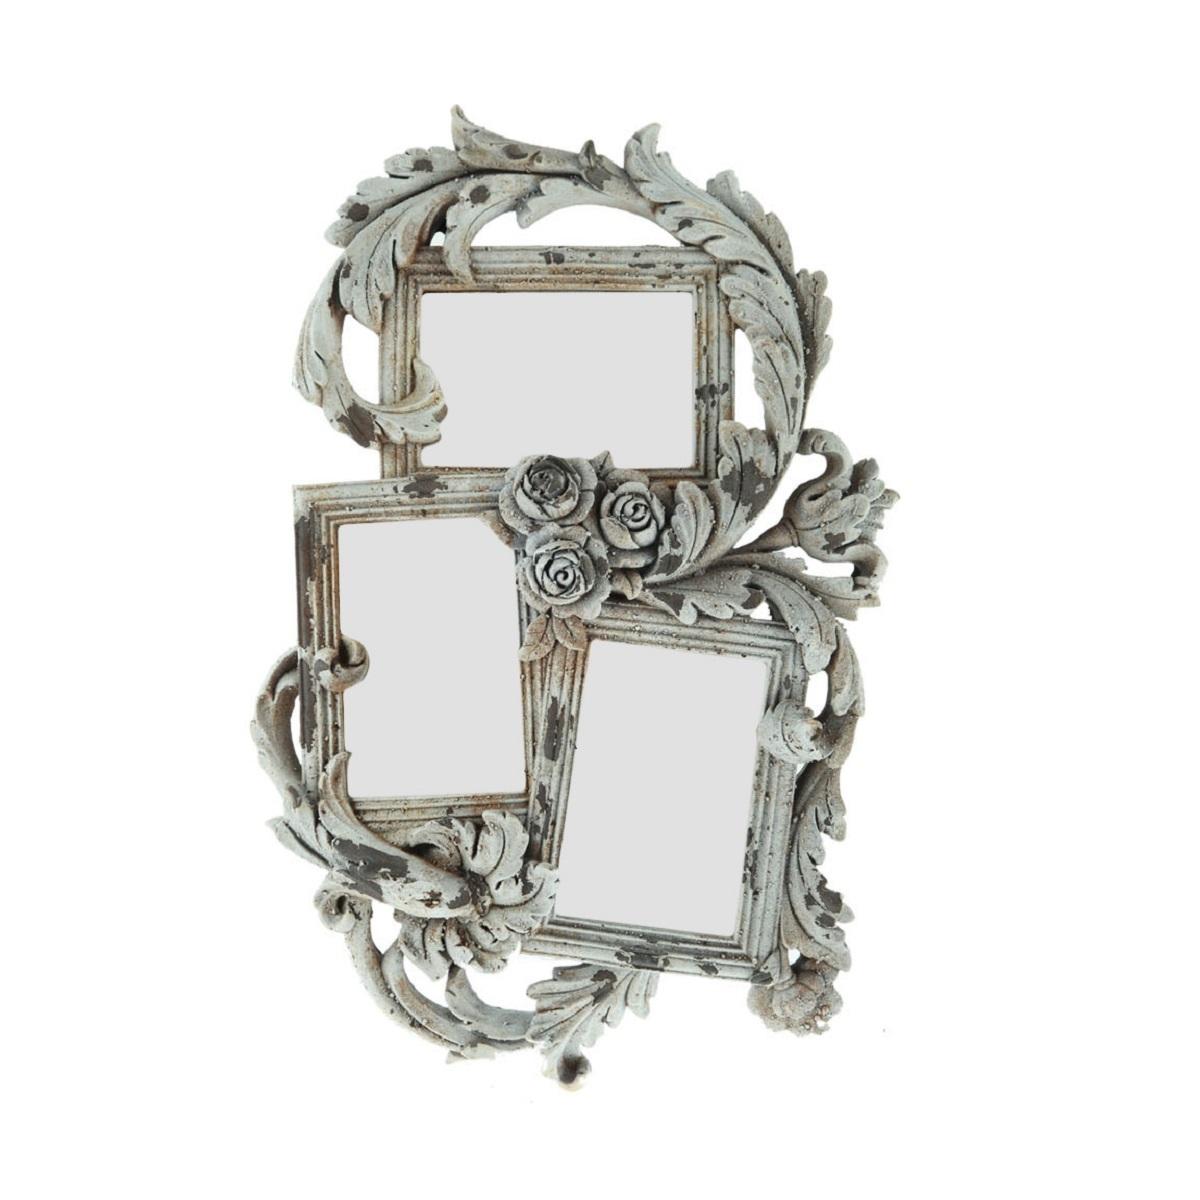 Зеркала Зеркало декоративное Decor тройное 78081AW zerkalo-dekorativnoe-decor-troynoe-78081aw-kitay.jpg